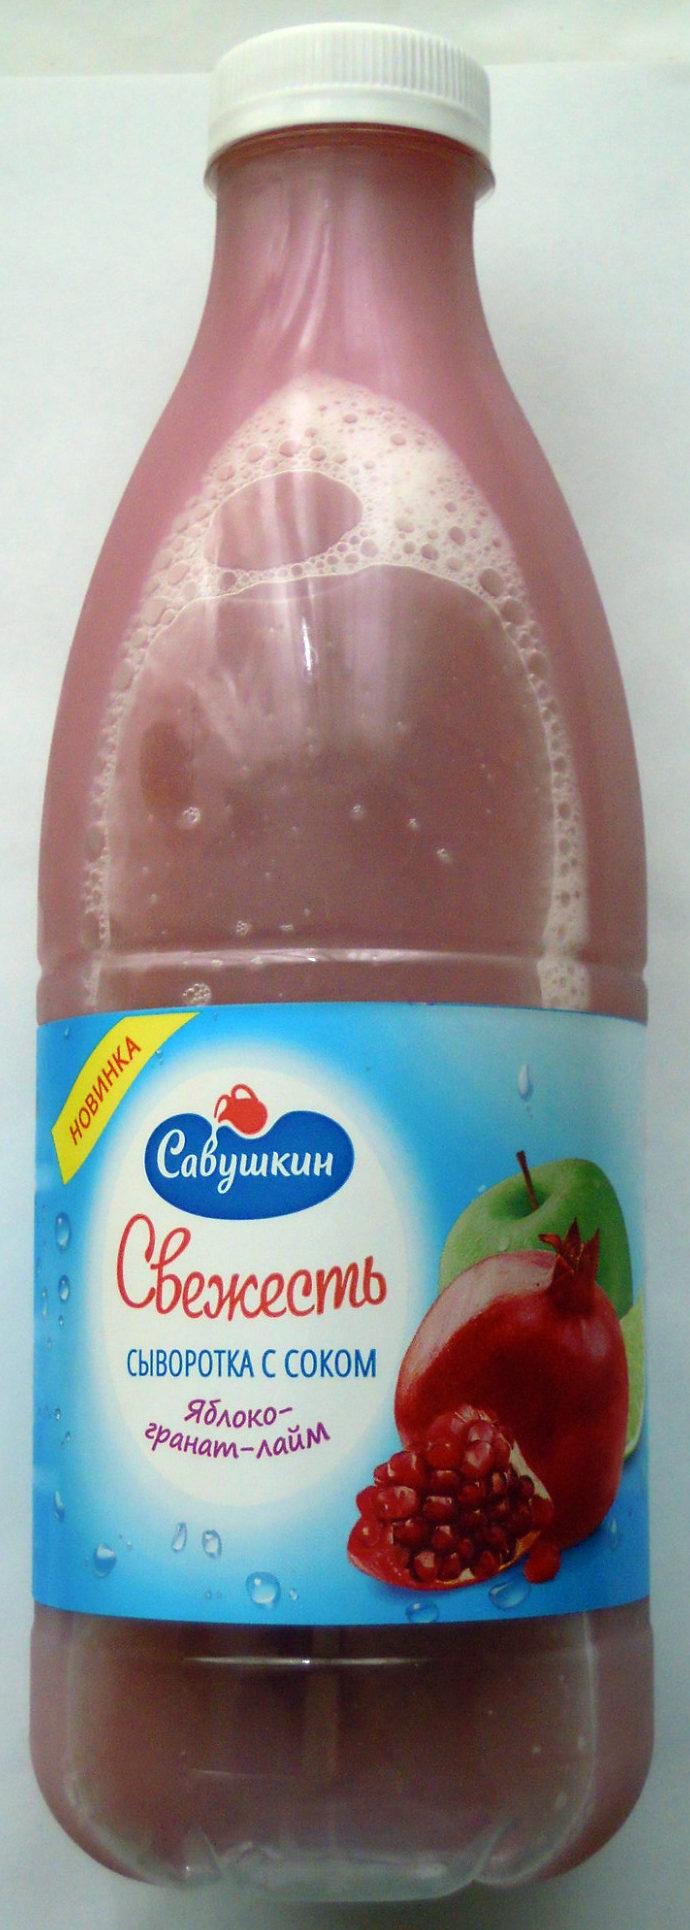 Свежесть (сыворотка с соком) яблоко-гранат-лайм - Product